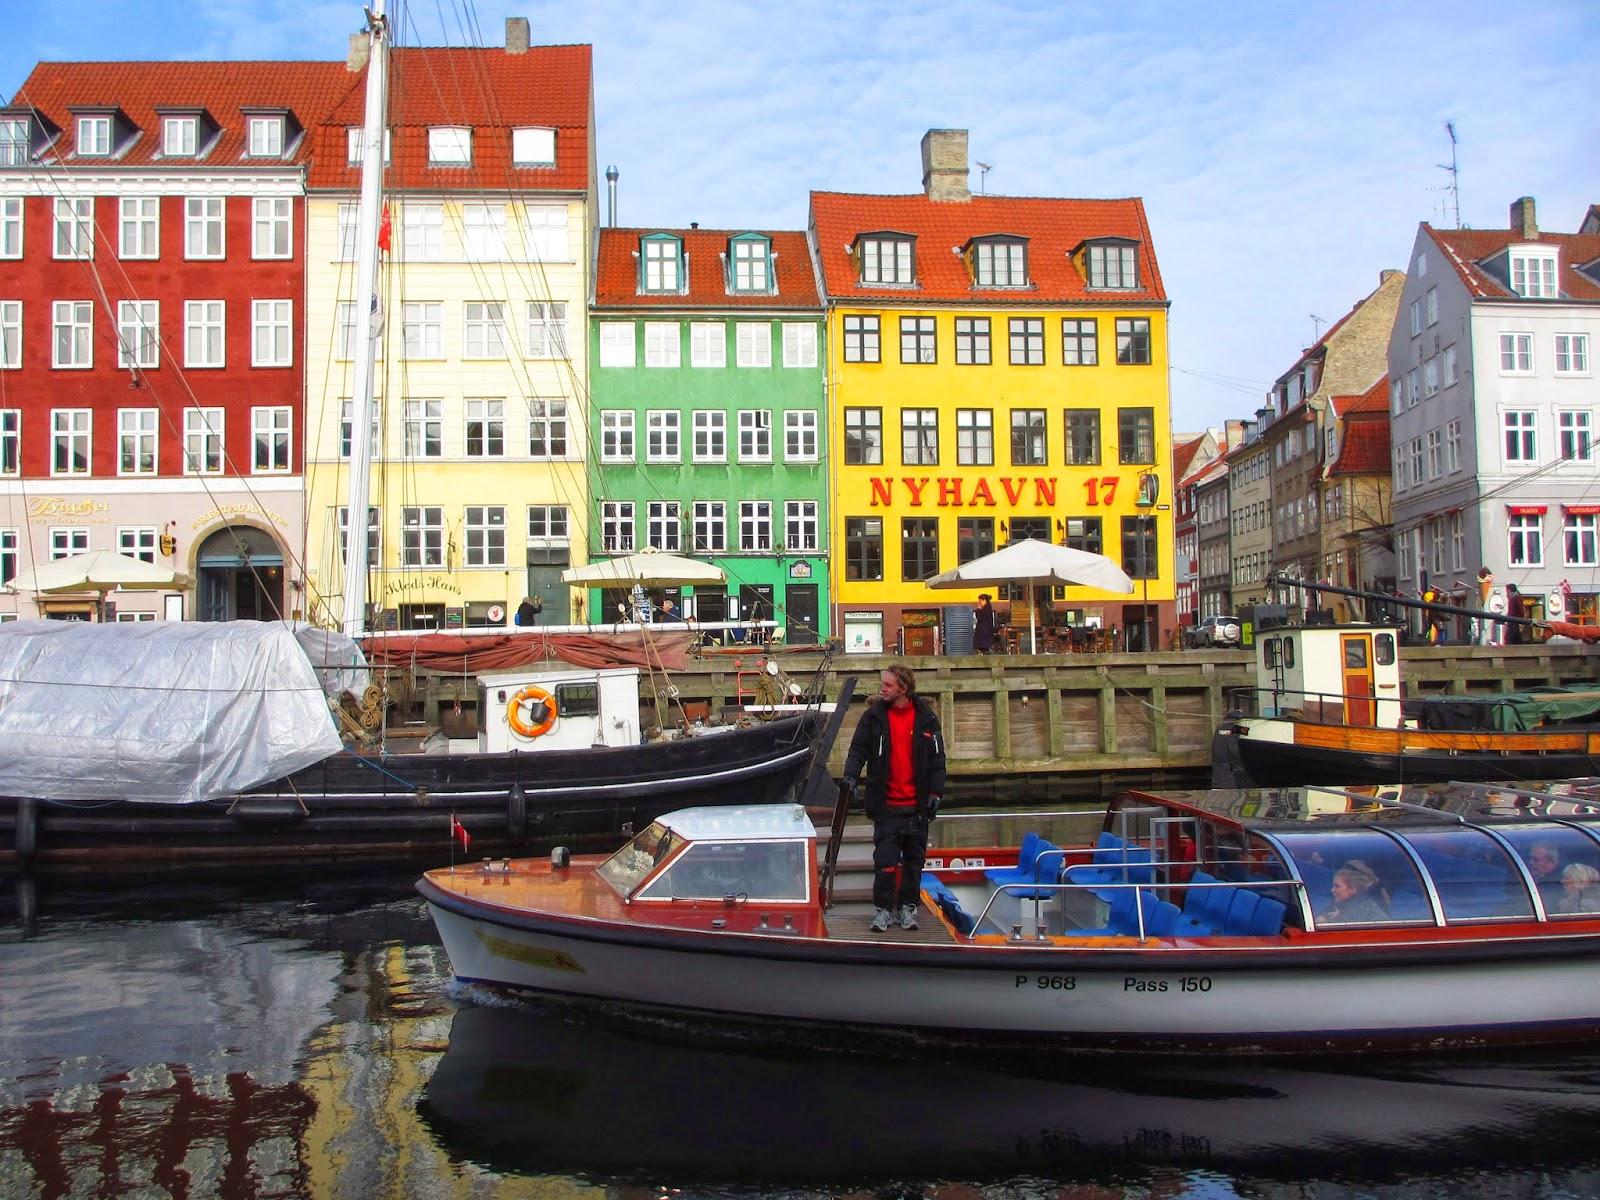 Dicas para visitar NYHAVN e fazer um PASSEIO DE BARCO pelos canais de Copenhaga | DinamarcaDicas para visitar NYHAVN e fazer um PASSEIO DE BARCO pelos canais de Copenhaga | DinamarcaDicas para visitar NYHAVN e fazer um PASSEIO DE BARCO pelos canais de Copenhaga | Dinamarca